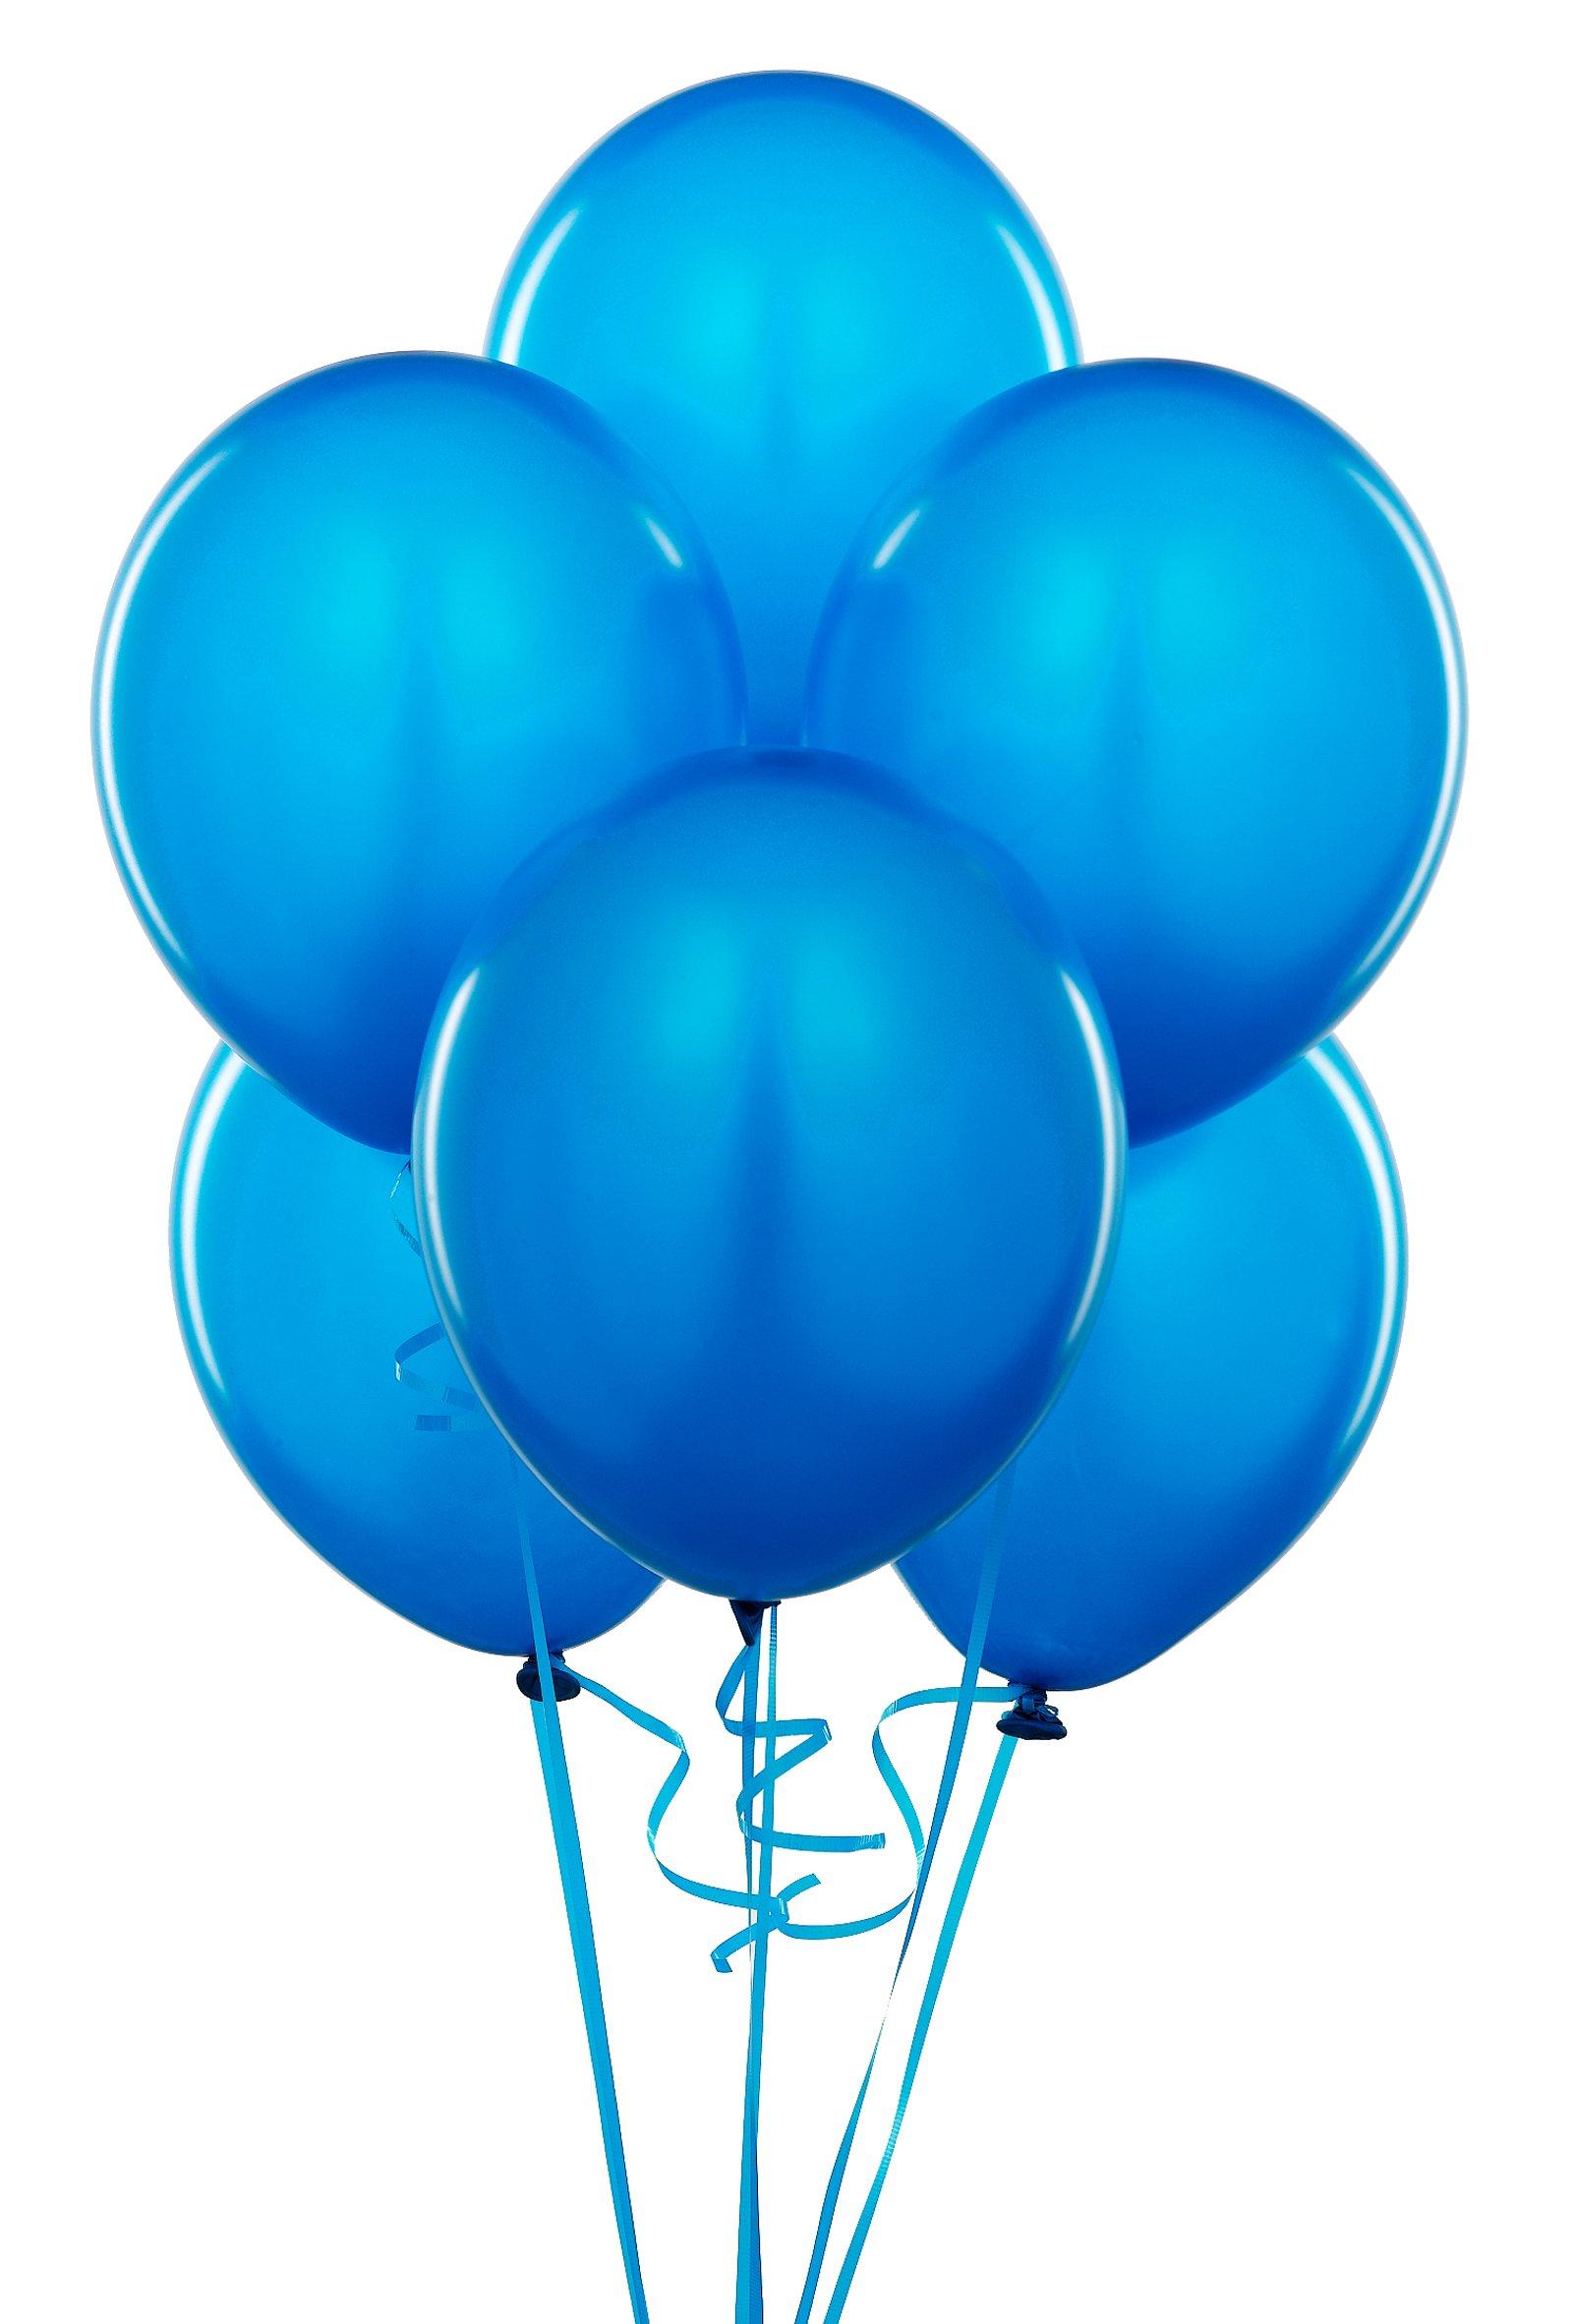 Clipart Balloon Bouquet.